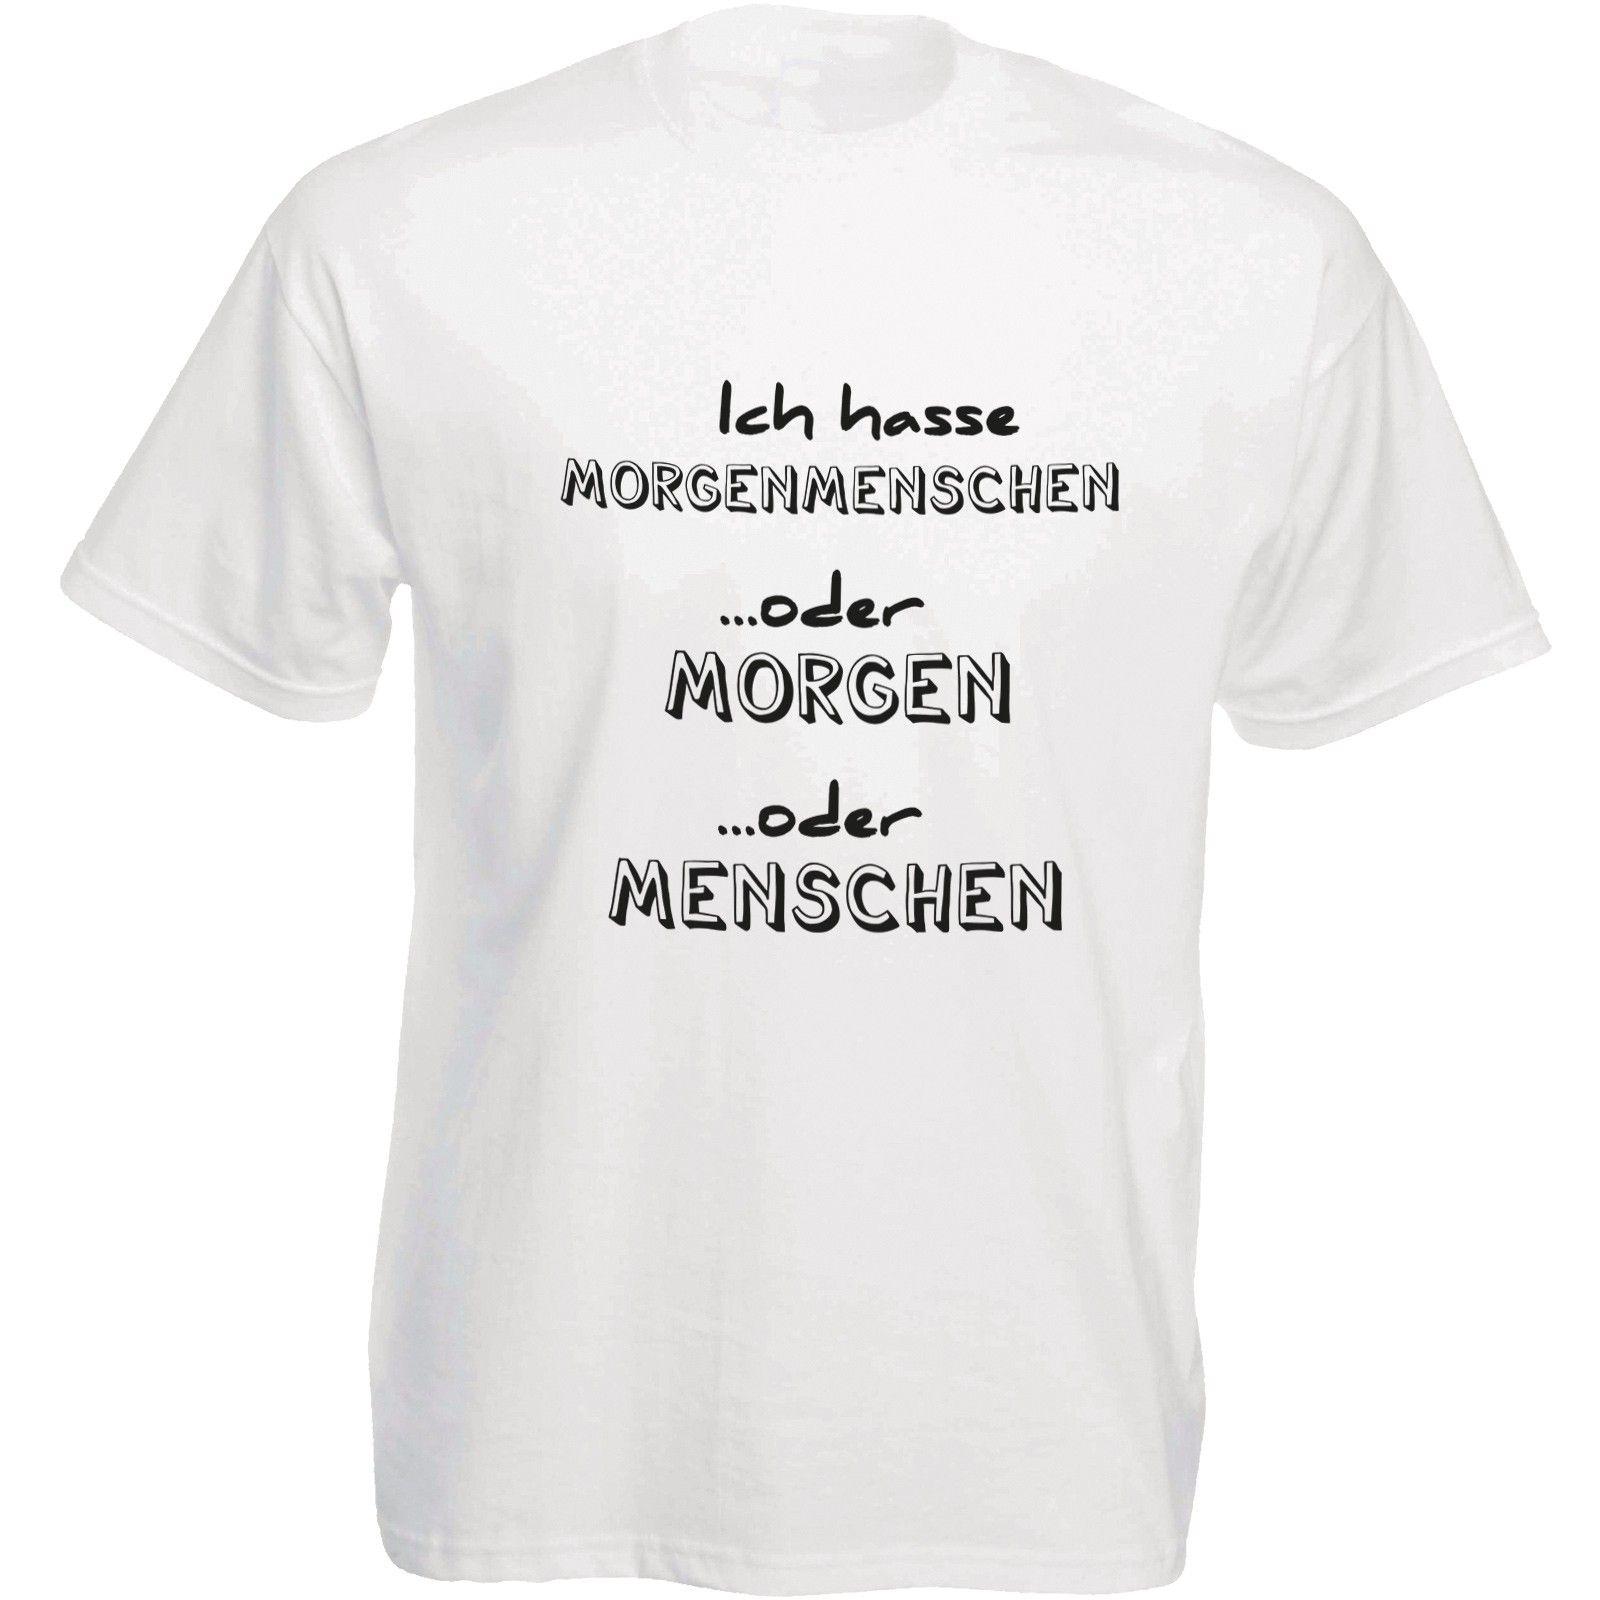 Ich hasse Menschen Damen T-Shirt Ich hasse Menschen Damen Shirt Ich hasse Mensch